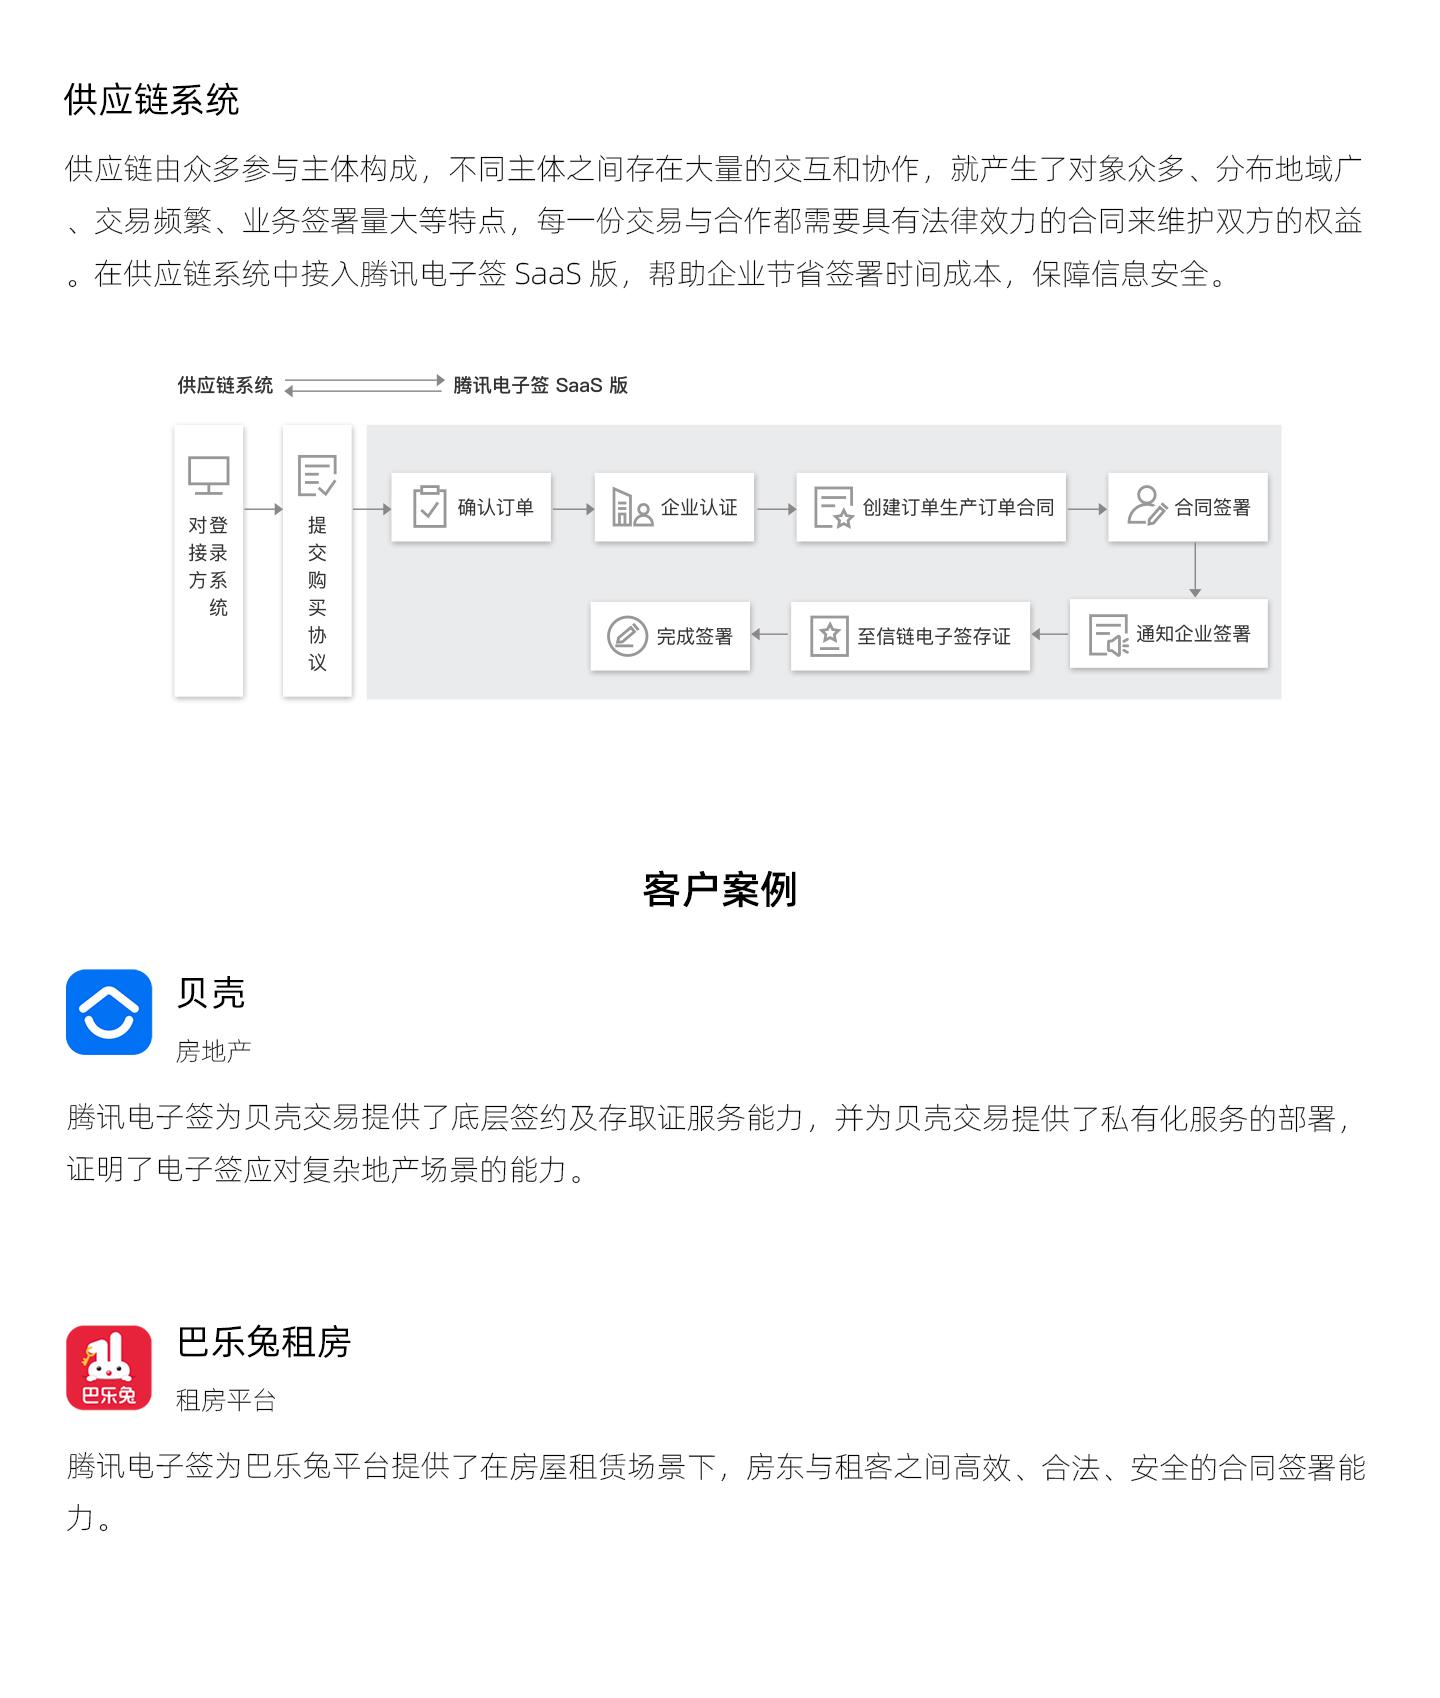 腾讯电子签集成版-1440_04.jpg